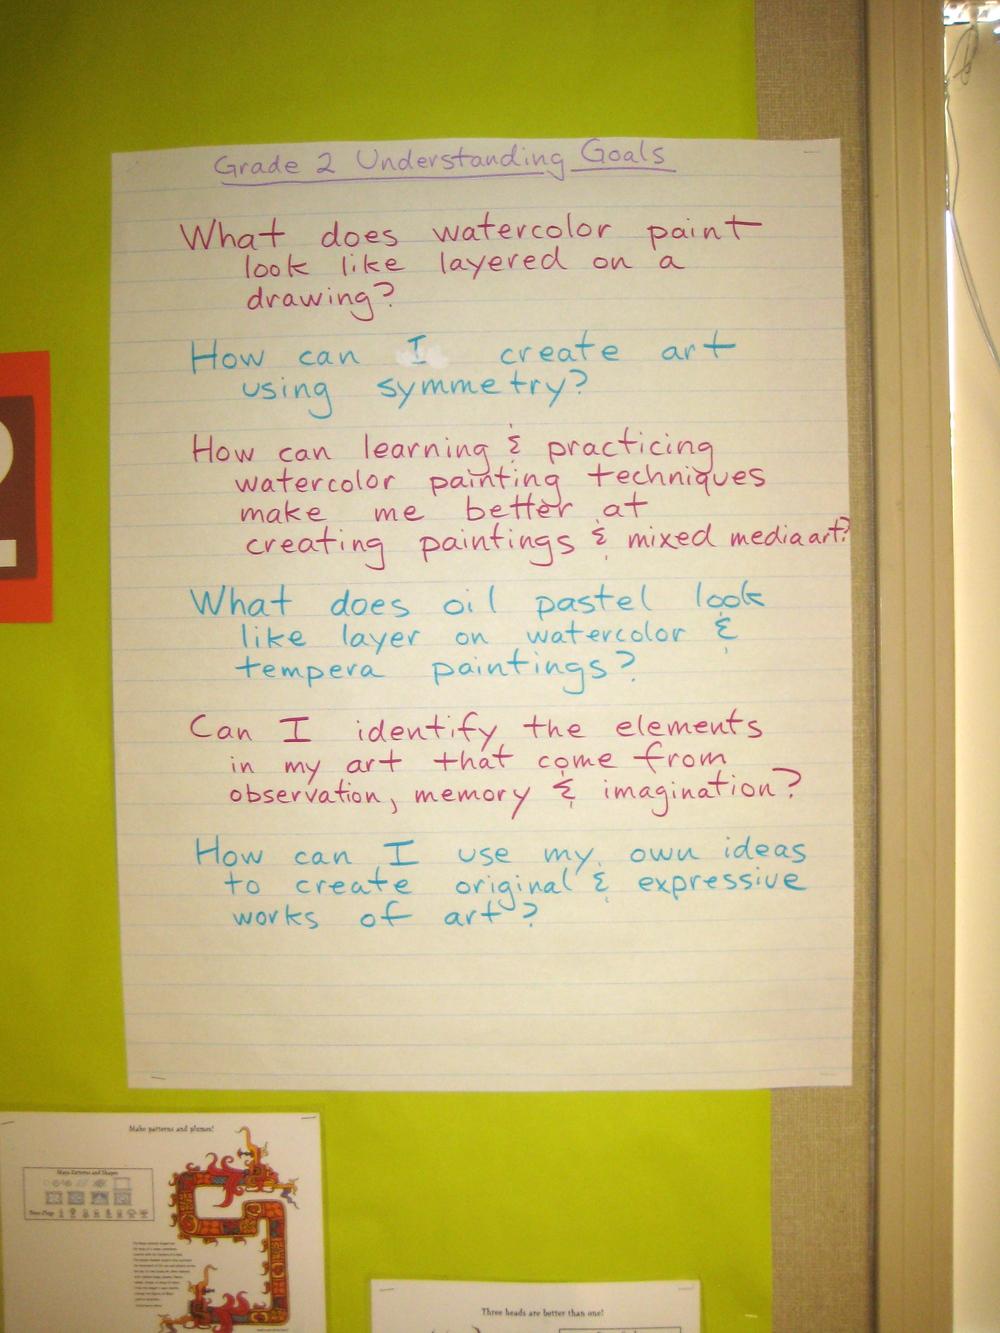 Understanding Goals, Grade 2